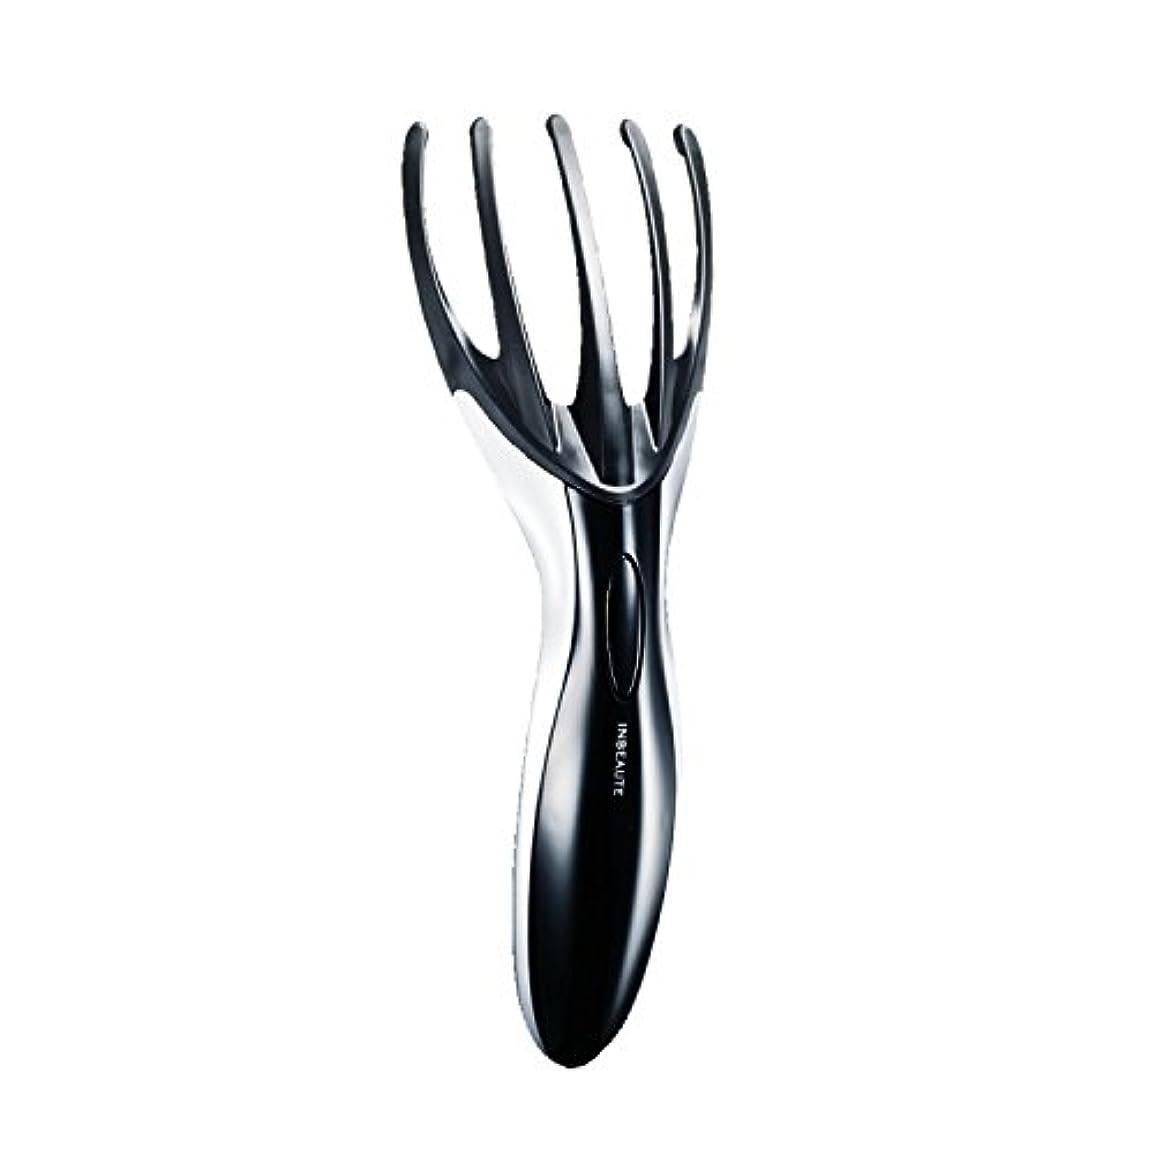 クランプ粘性の大きなスケールで見るとINBEAUTE FingerHeadSpa (インボーテ フィンガーヘッドスパ) ブラック